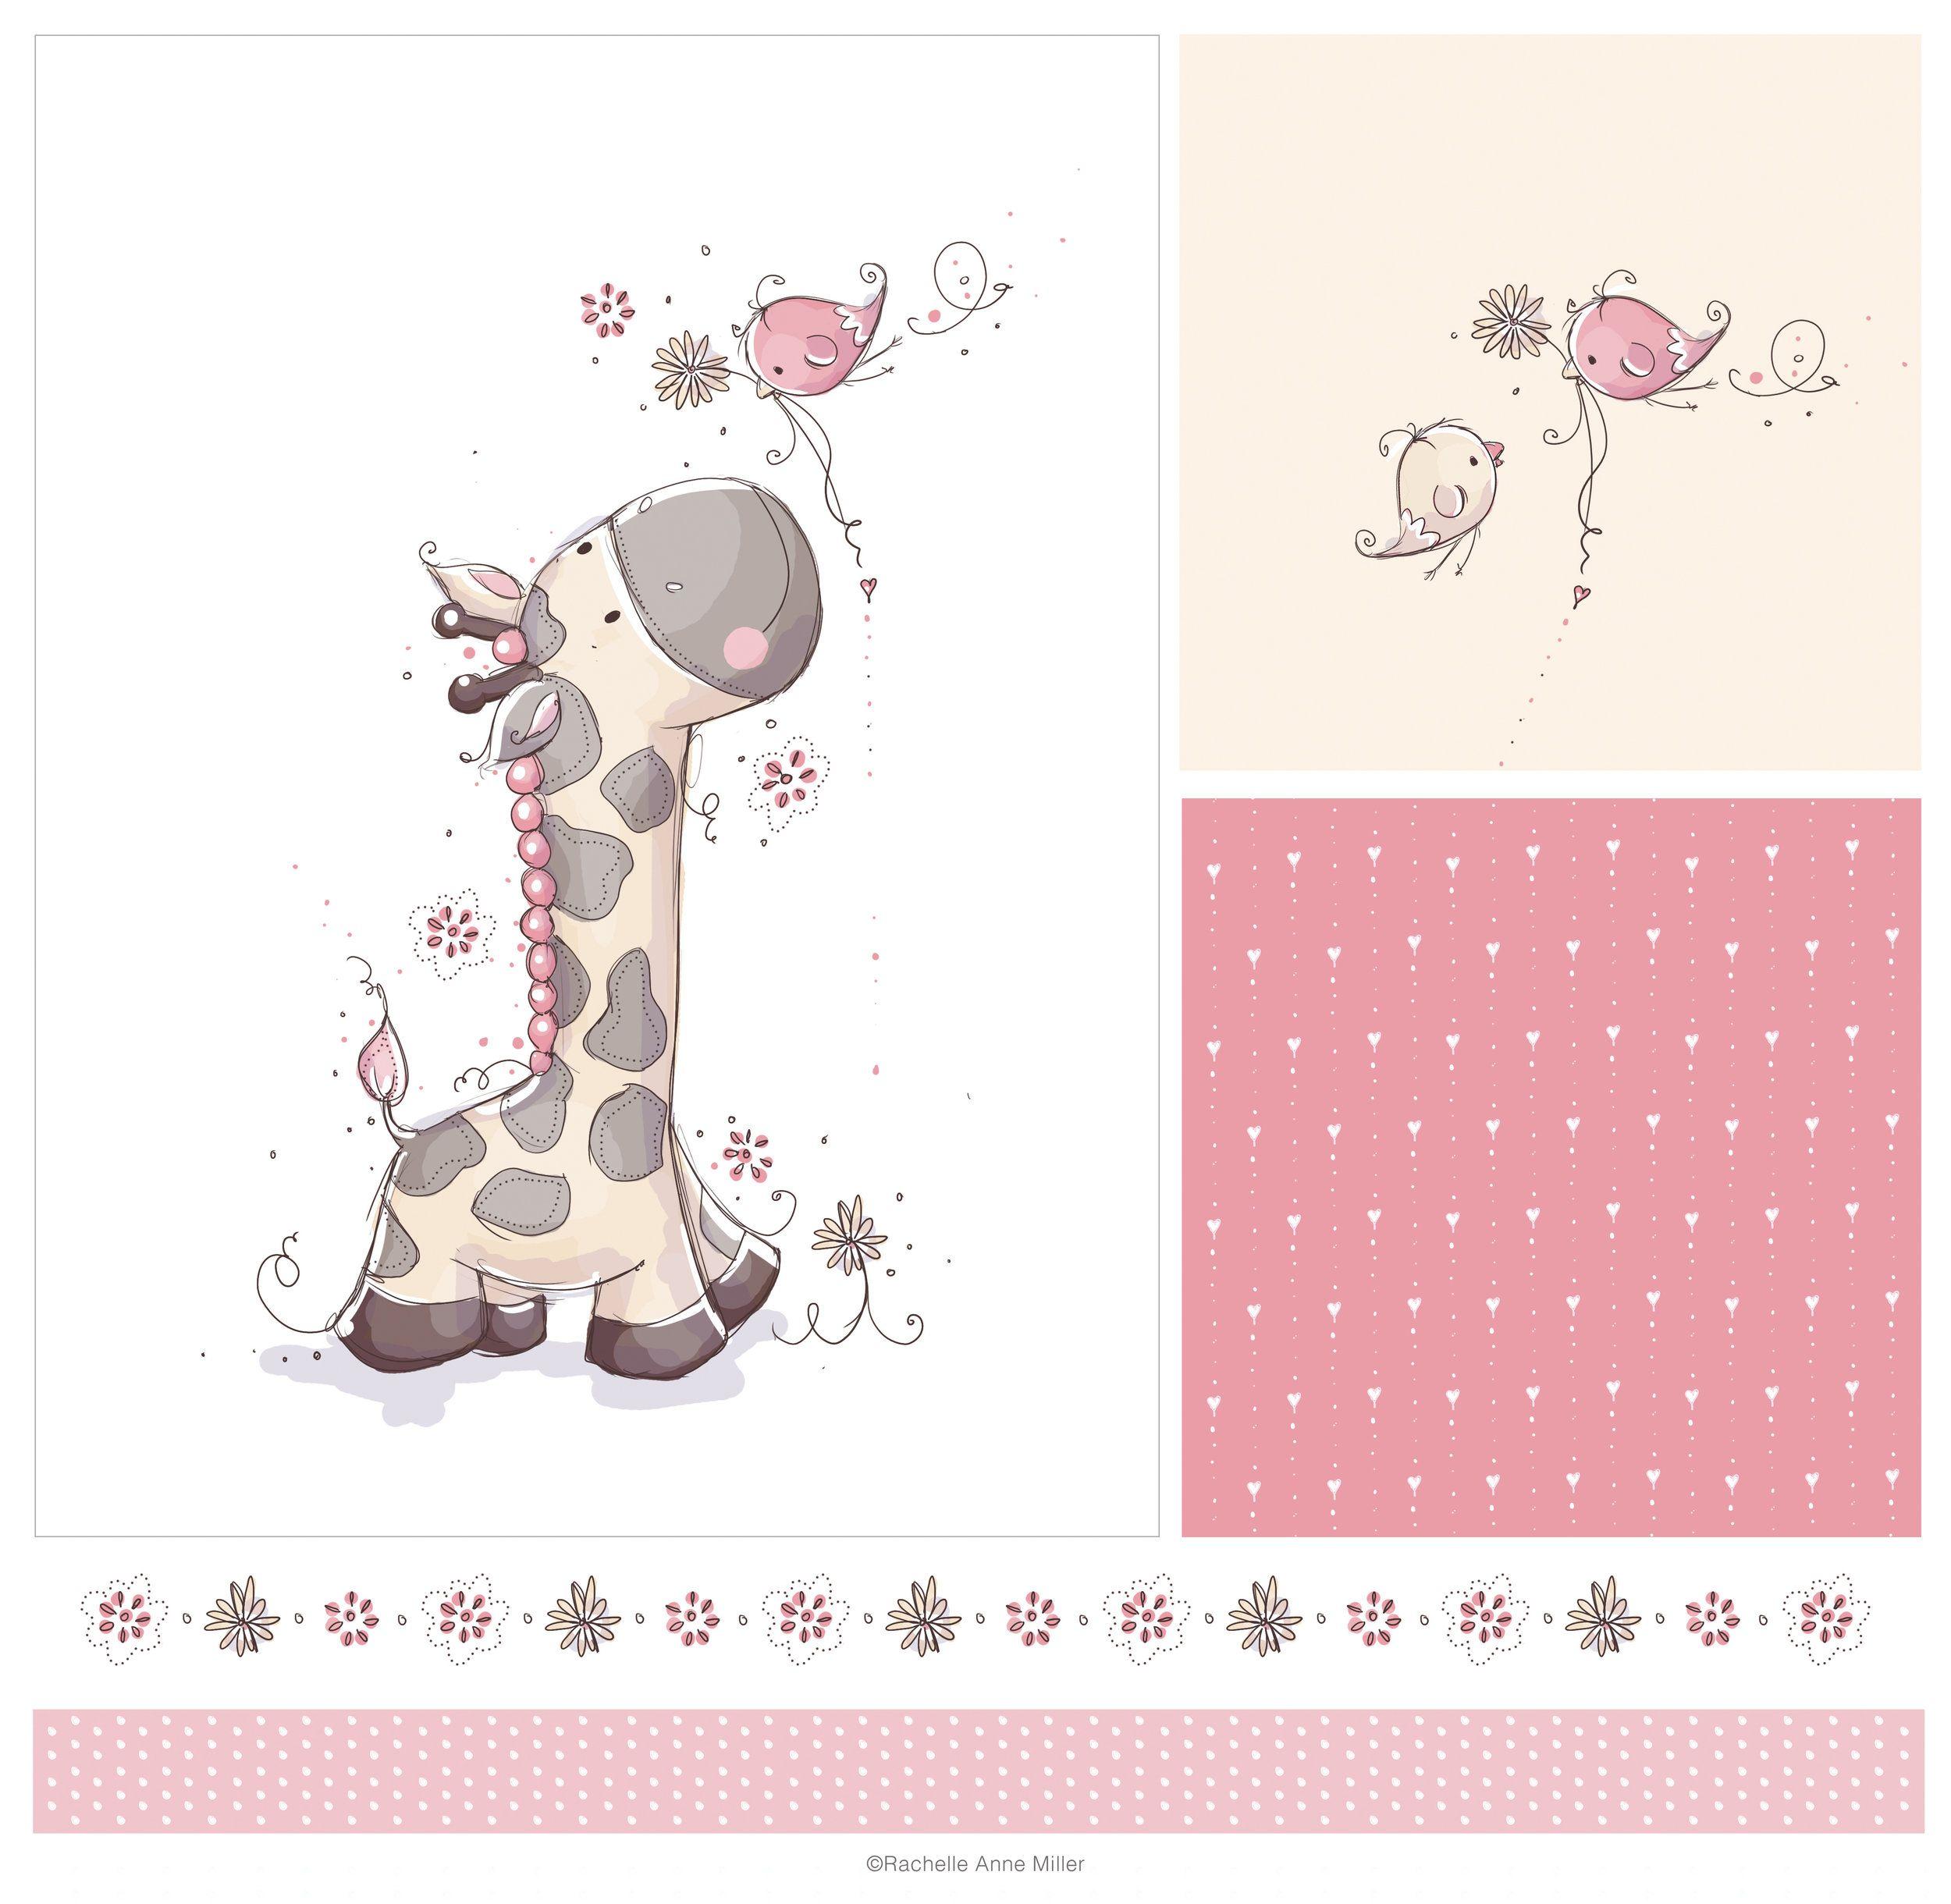 RAM_giraffe.jpg Baby clip art, Illustration art drawing